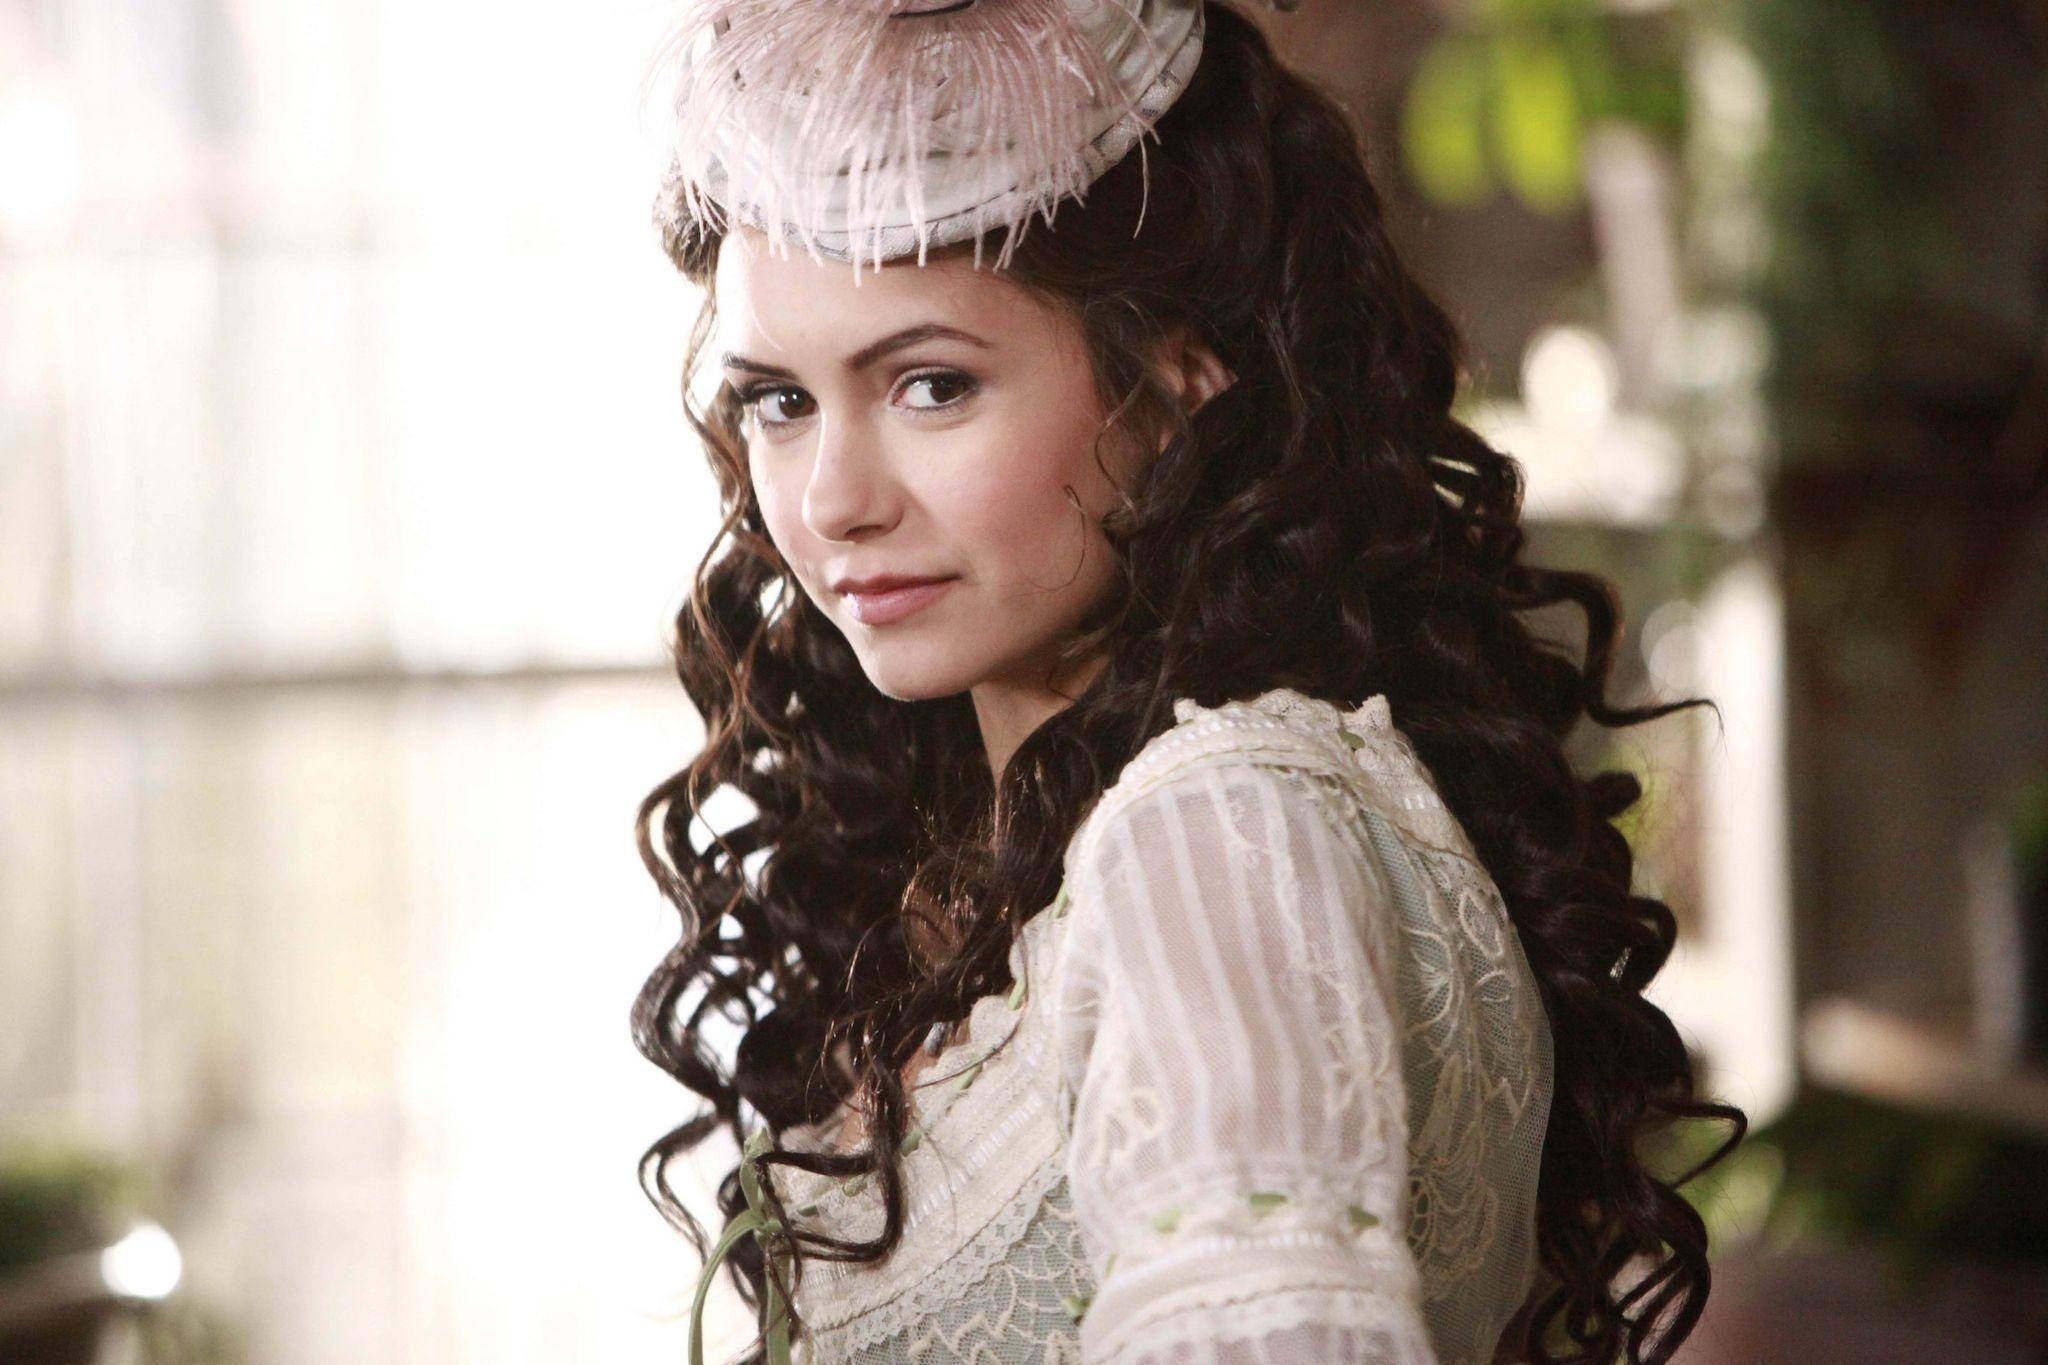 მსახიობები ,რომლებსაც დედოფლის როლი უთამაშნიათ !!! E1f3e933a609c0cd5b1815eeb3220163